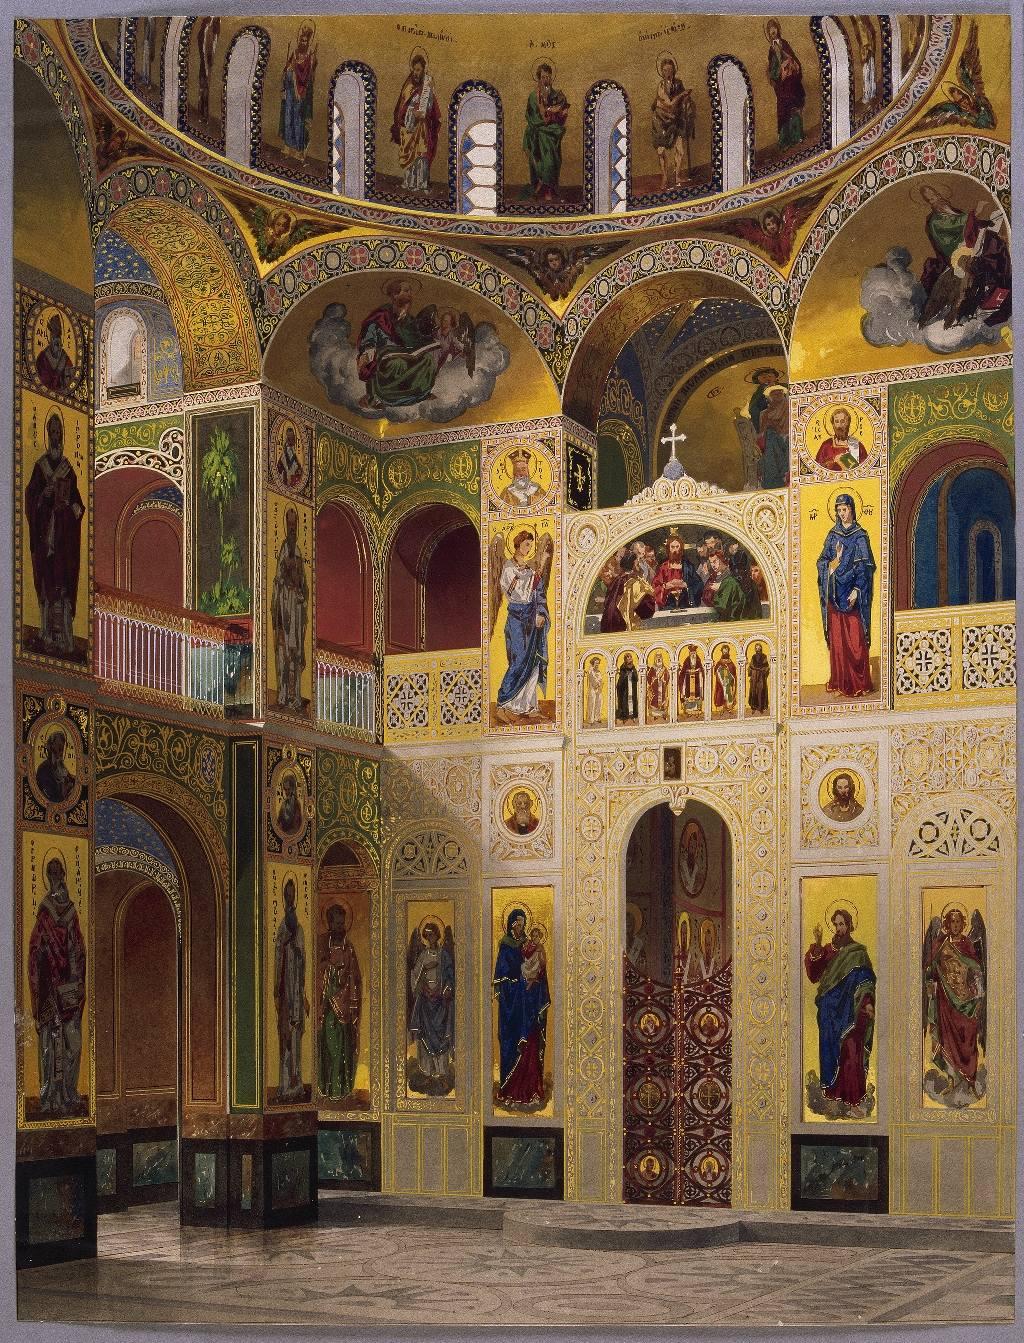 Vue intérieure d'une église, aquarelle, gouache, mine de plomb, plume et encre brune (50 x 38,2 cm)